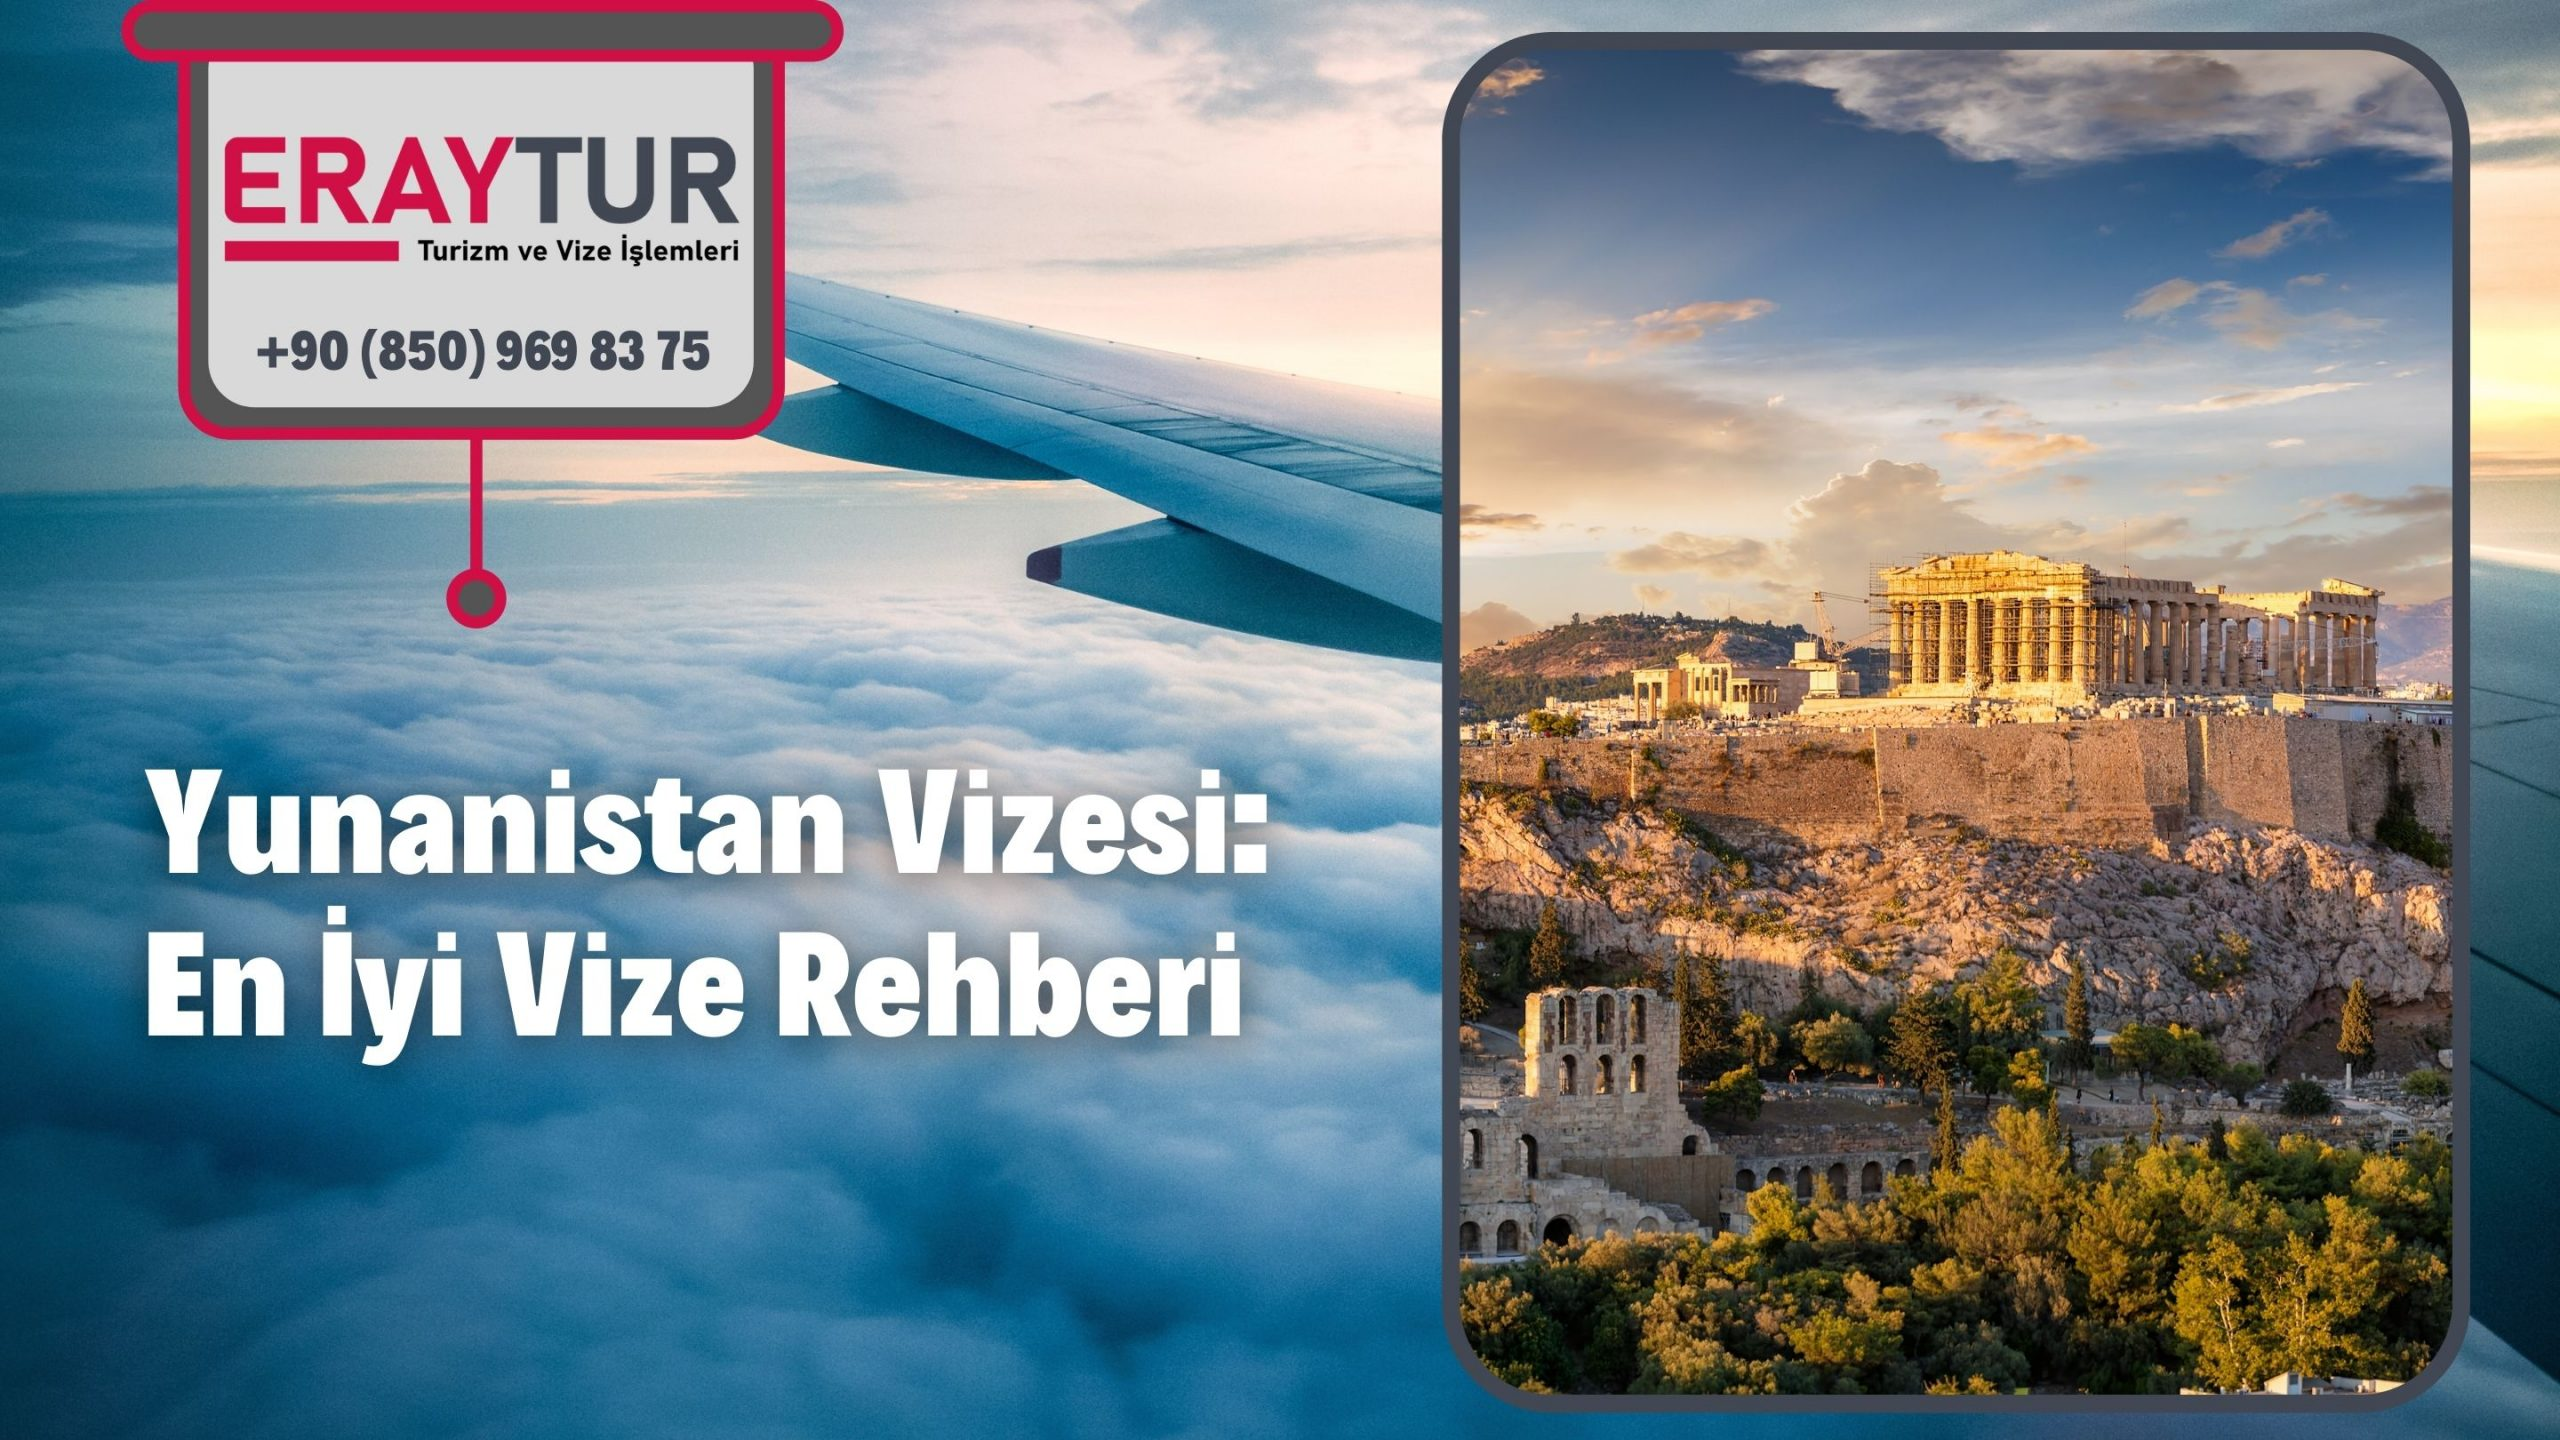 Yunanistan Vizesi: En İyi Vize Rehberi 2021 1 – yunanistan vizesi en iyi vize rehberi 2021 1 scaled